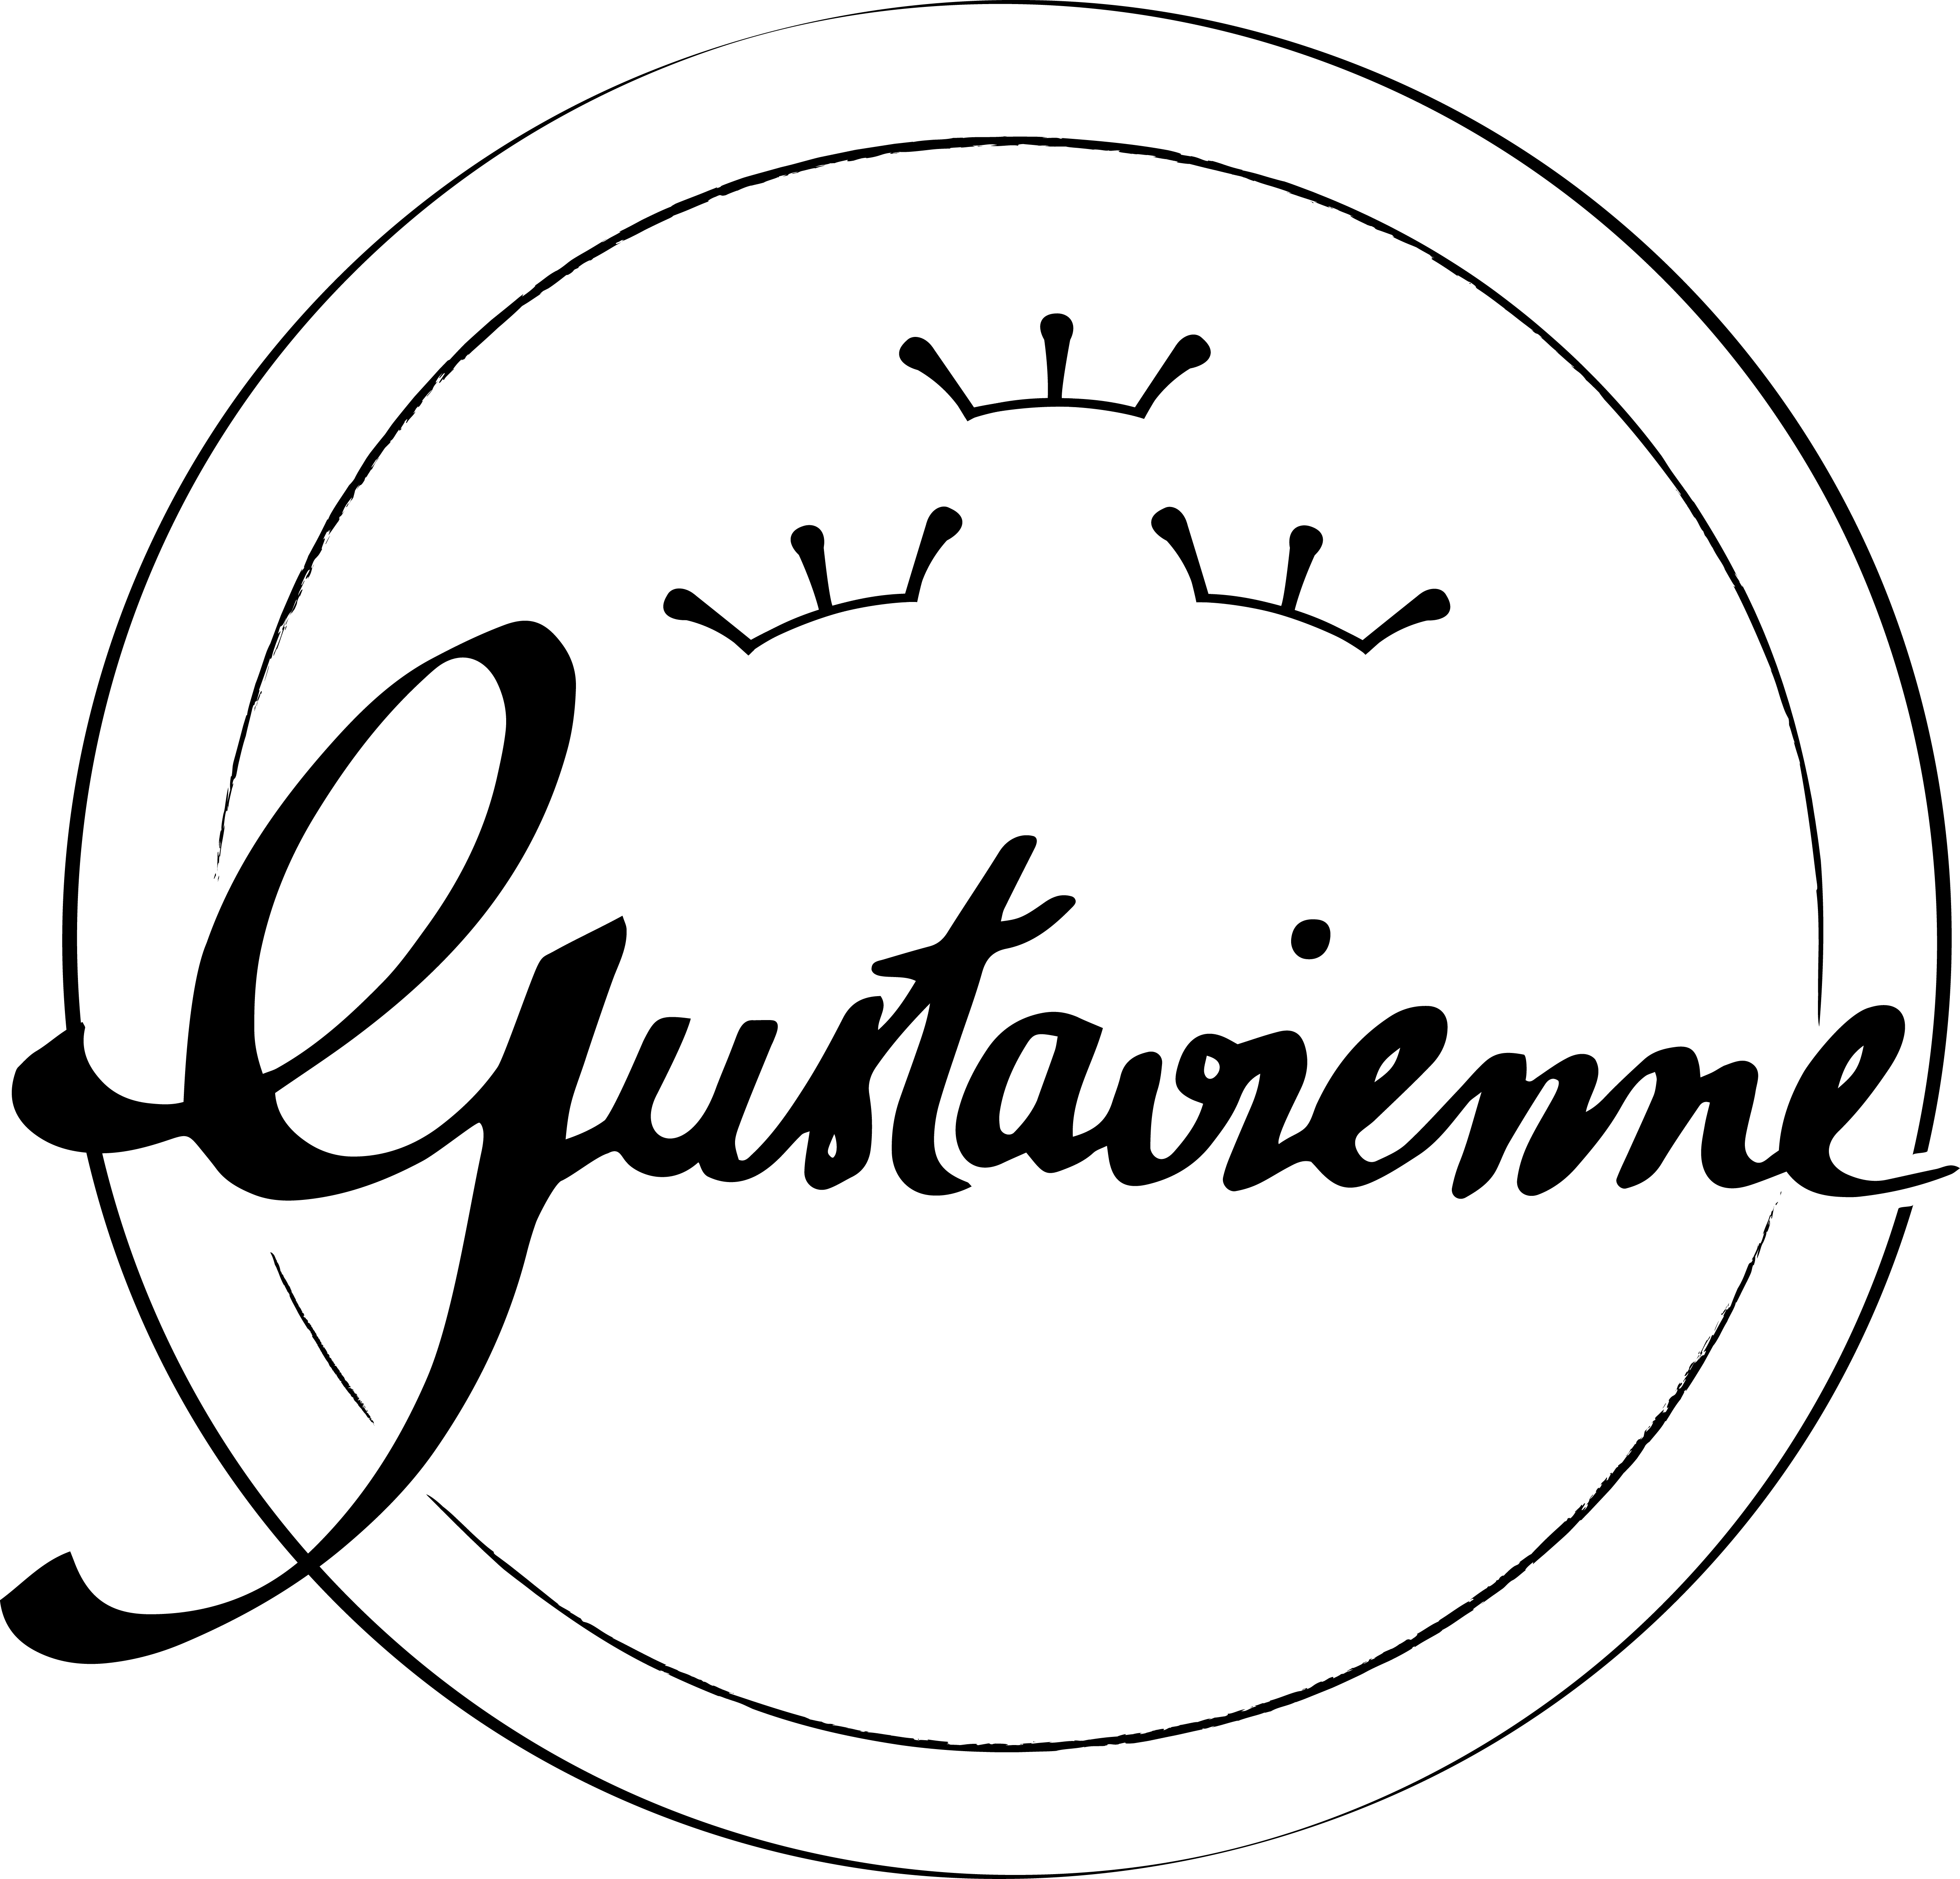 Gustavienne